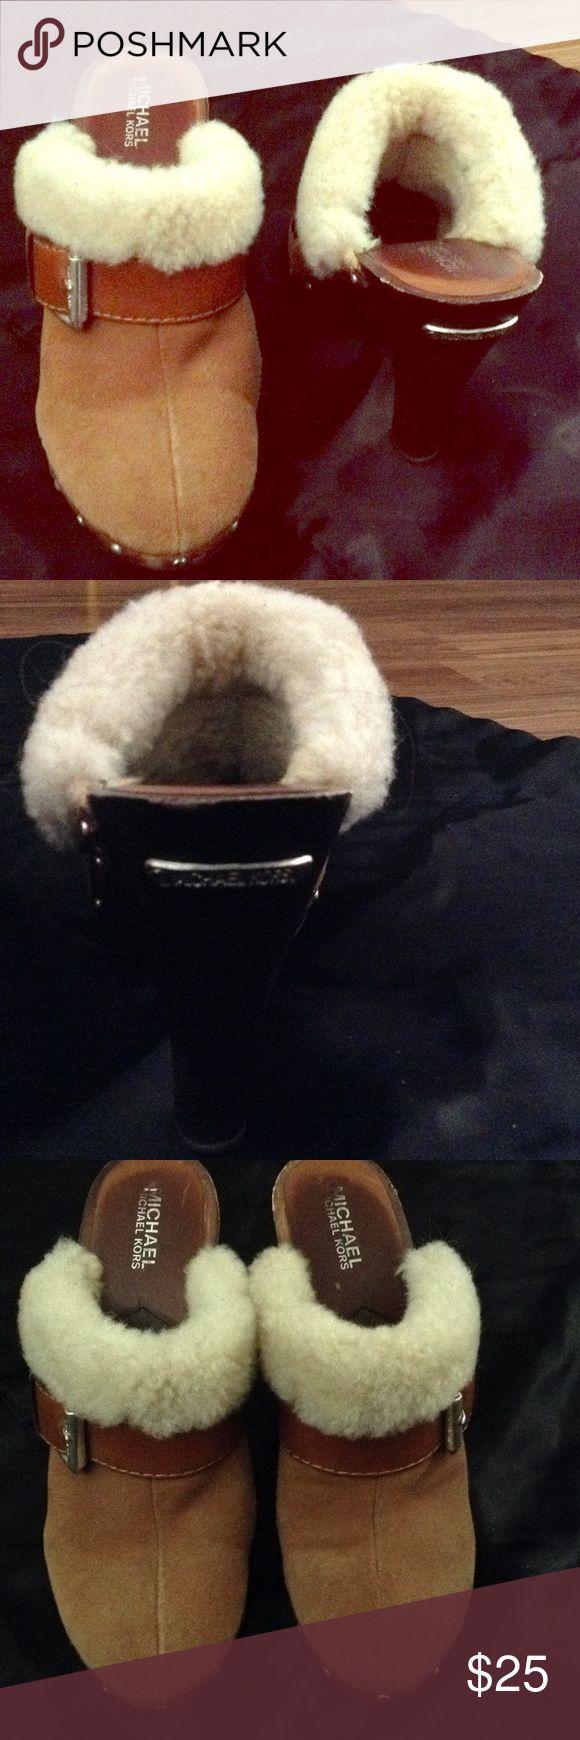 Michael Kors clogs Michael Kors clogs KORS Michael Kors Shoes Mules & Clogs